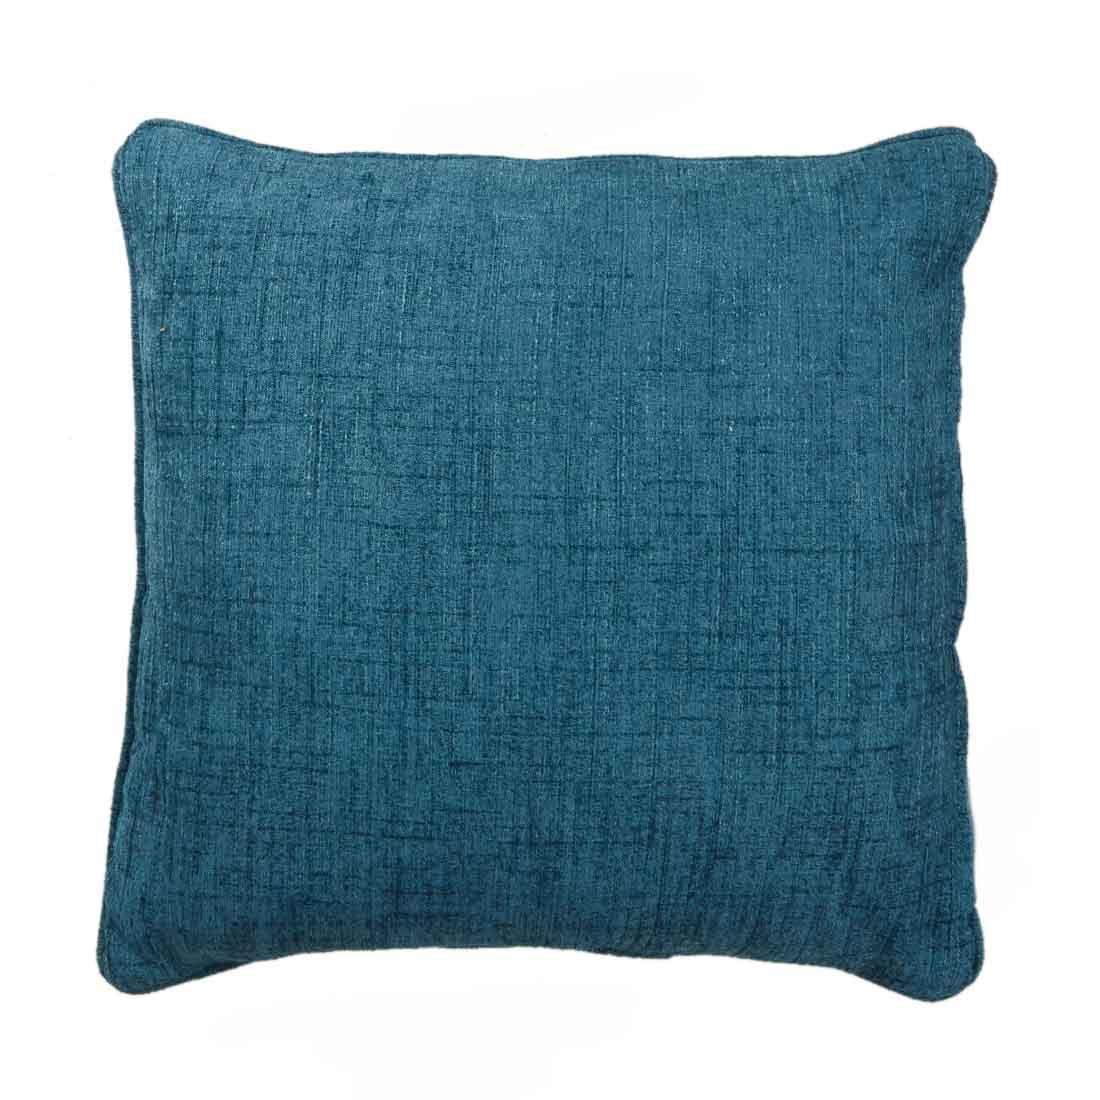 Melbourne Ocean Cushion